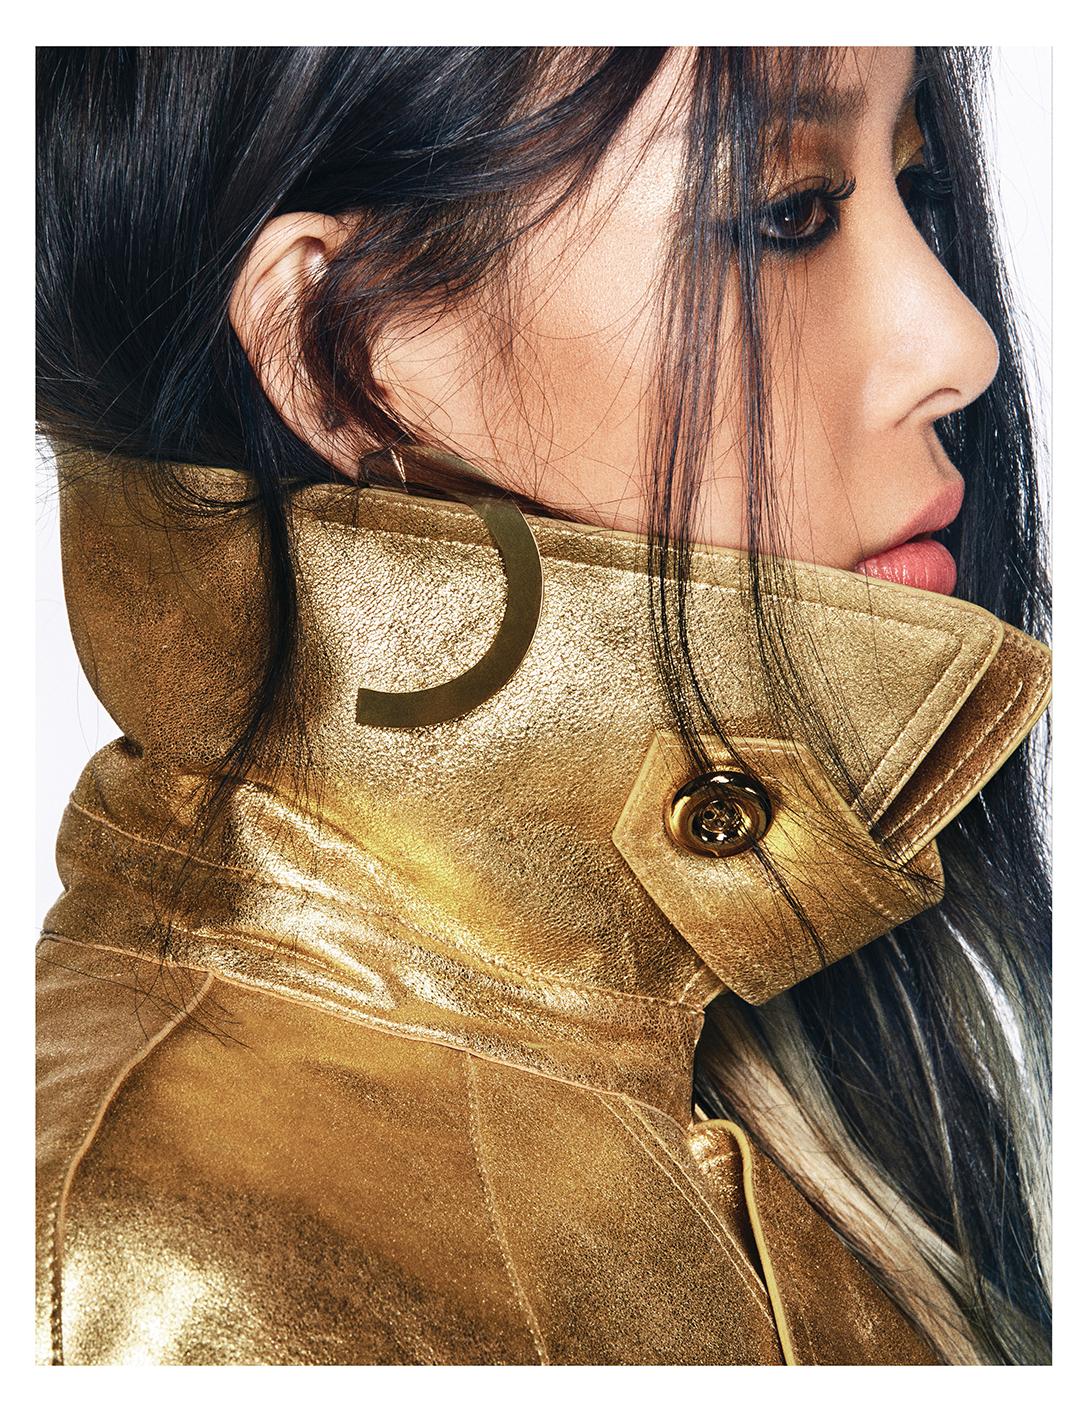 메탈릭한 트렌치코트는 가격 미정으로  Michael Kors Collection 제품.